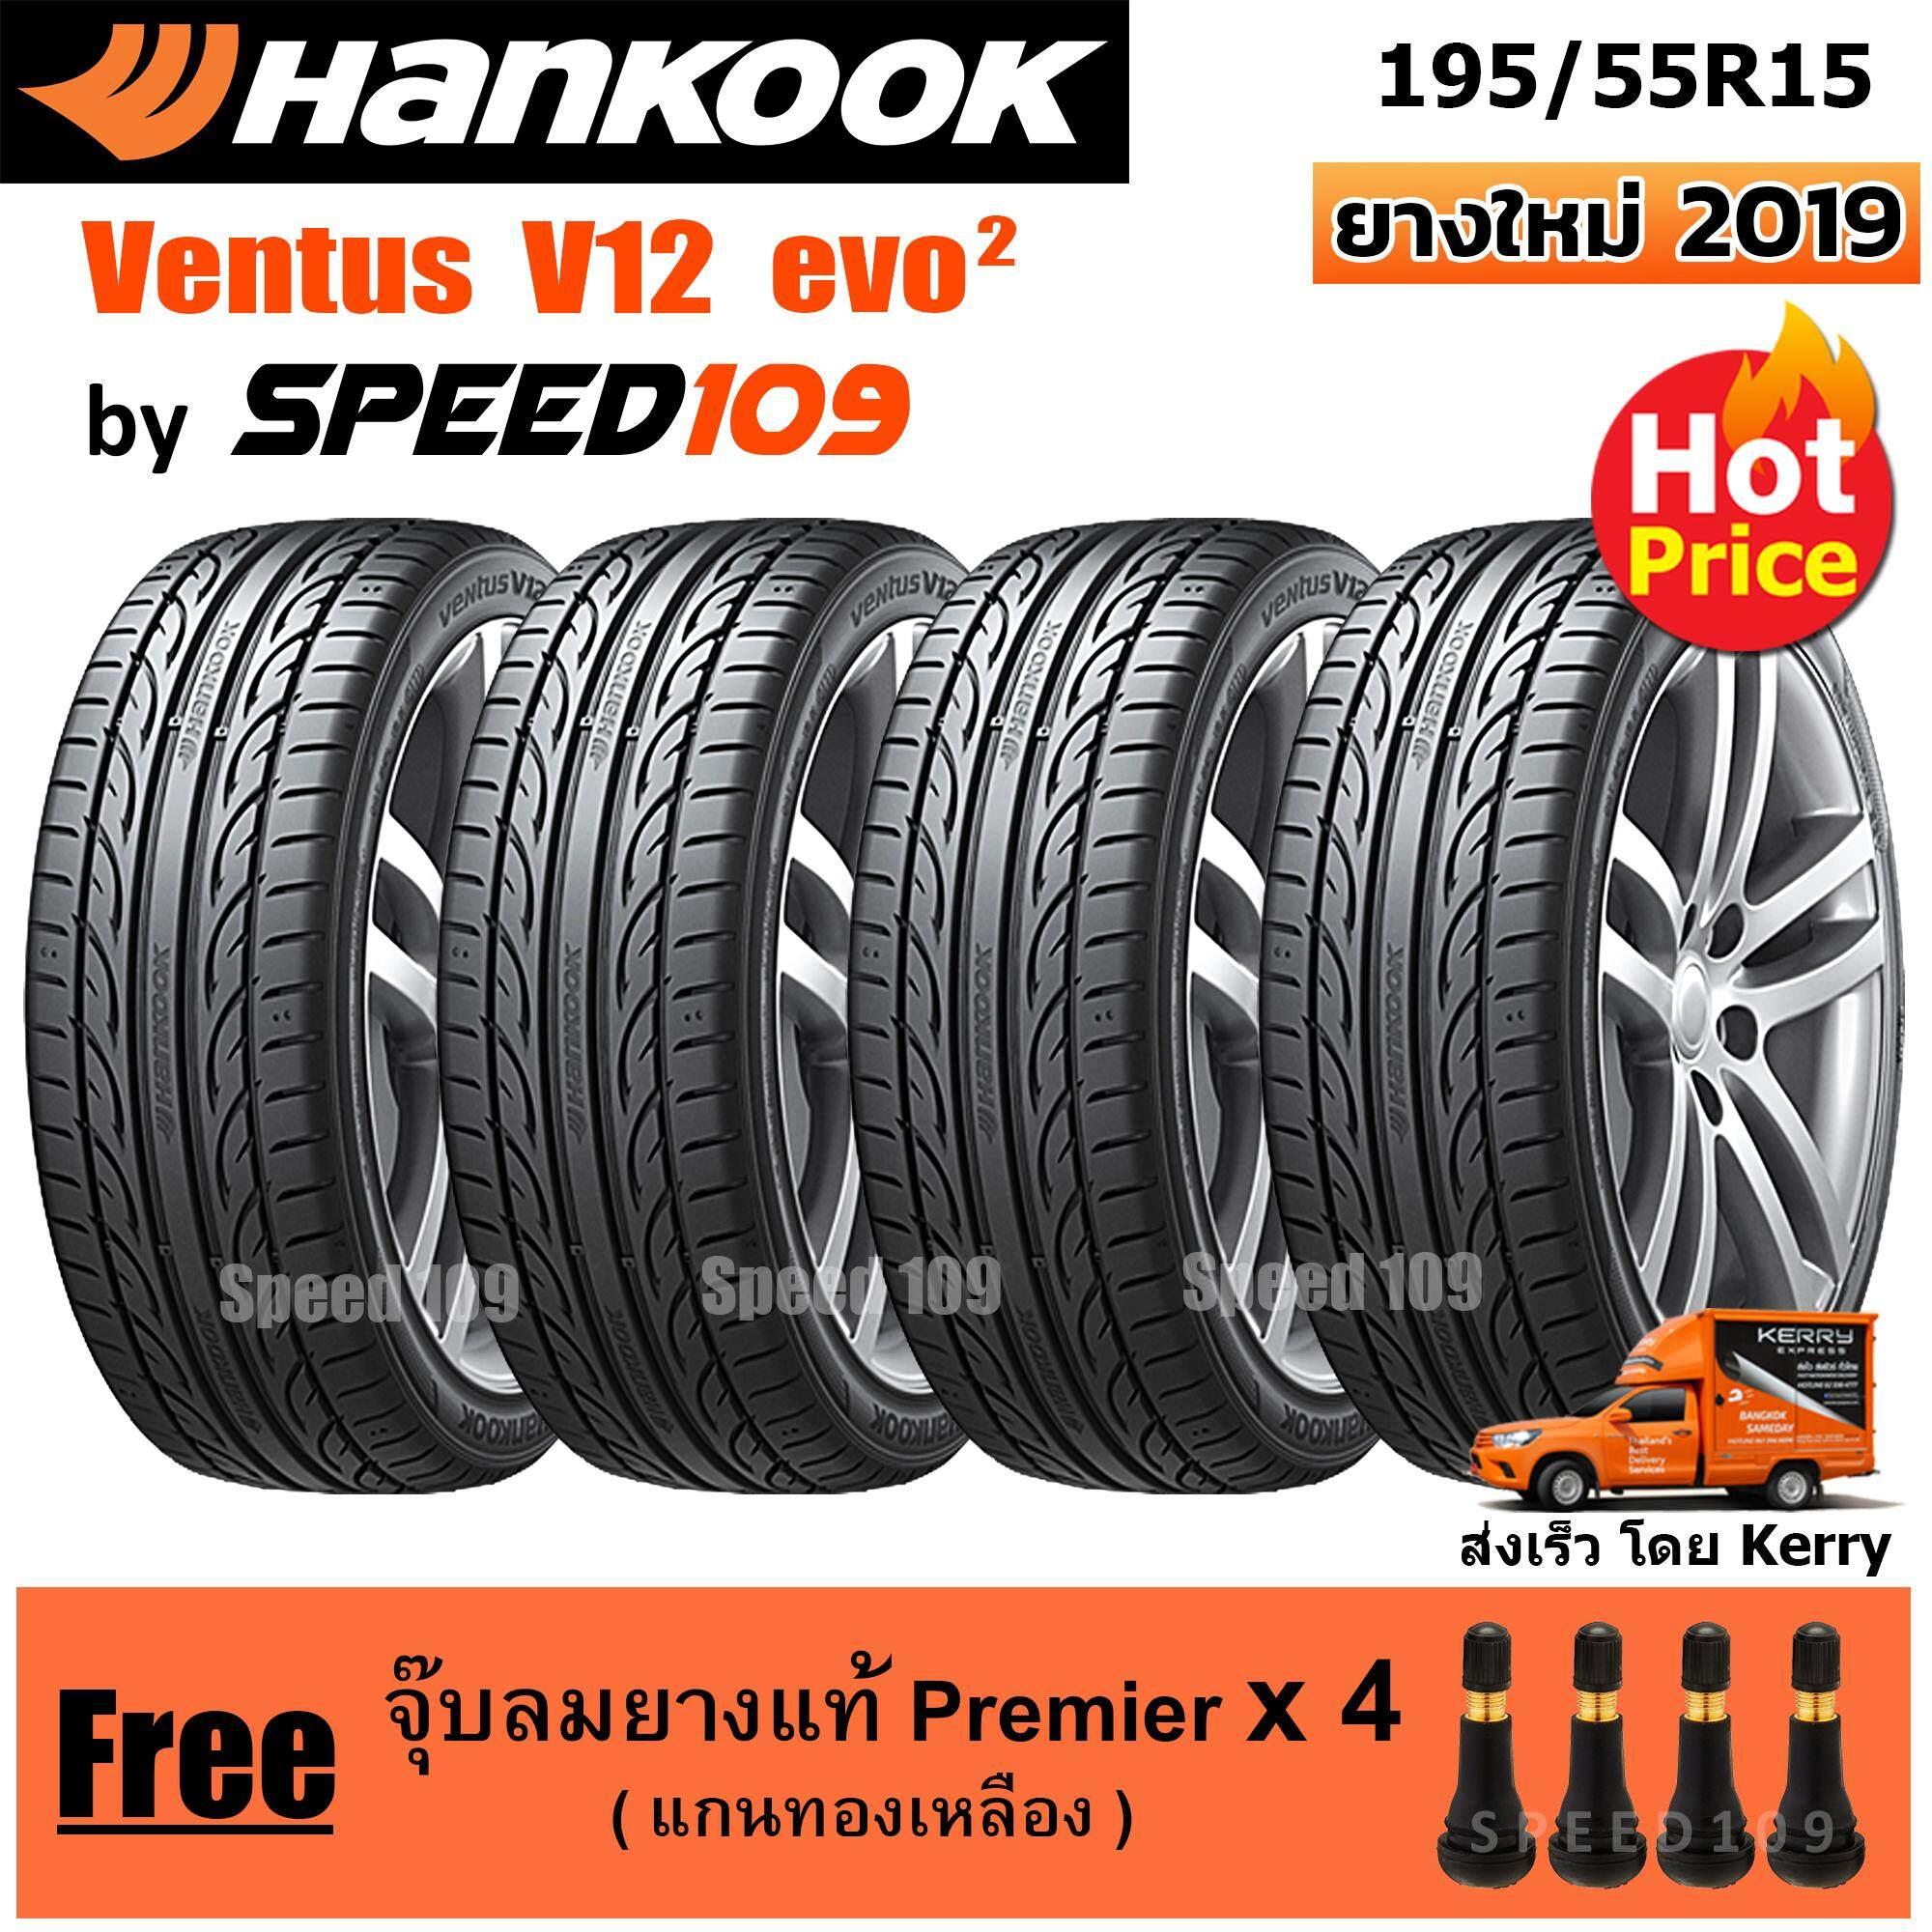 ประกันภัย รถยนต์ 2+ สตูล HANKOOK ยางรถยนต์ ขอบ 15 ขนาด 195/55R15 รุ่น Ventus V12 Evo2 - 4 เส้น (ปี 2019)